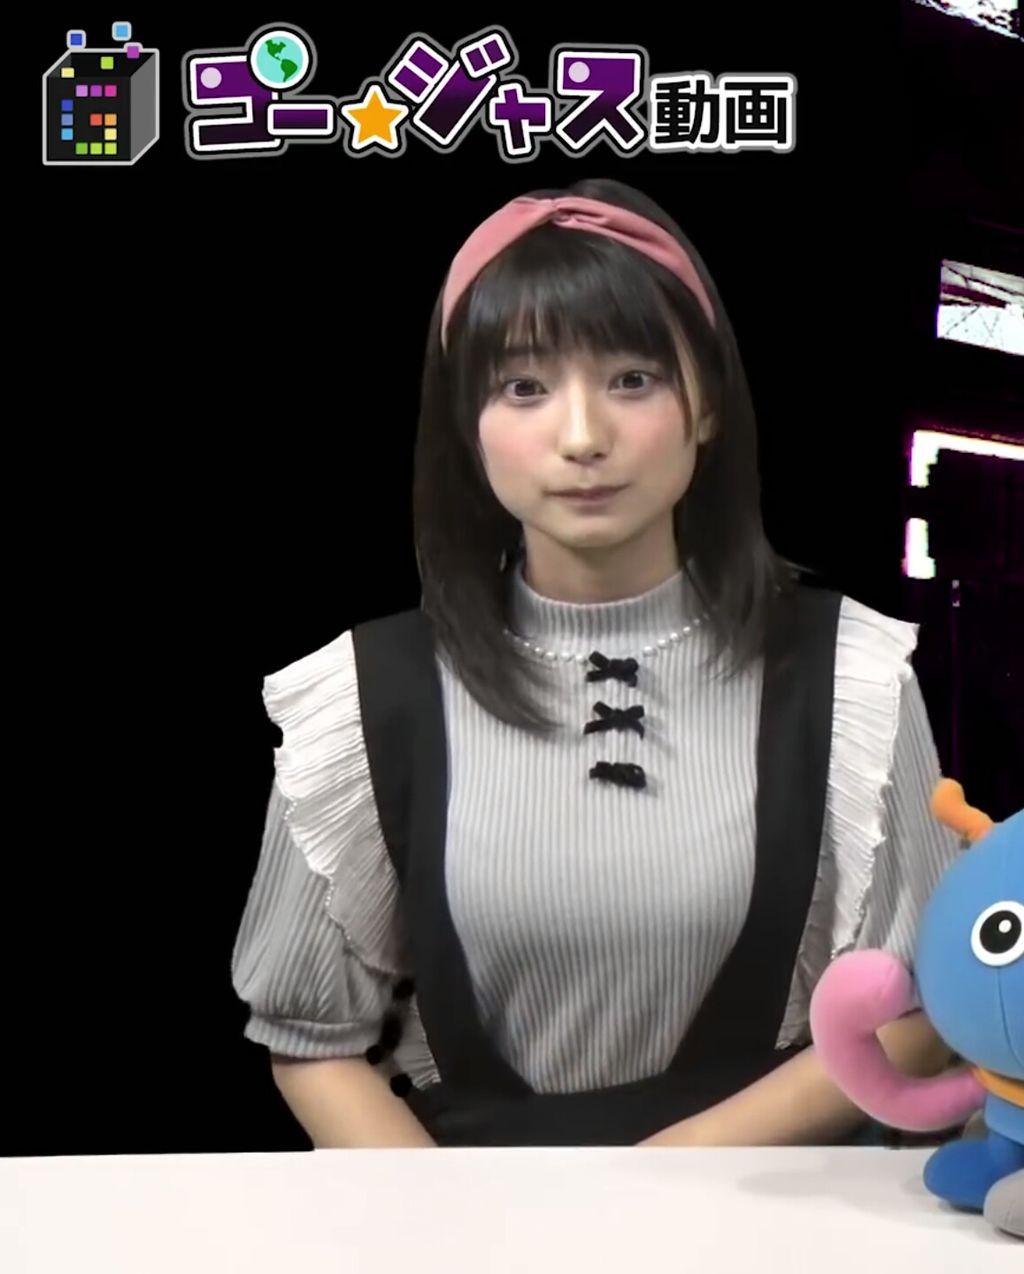 http://livedoor.blogimg.jp/rebatain03/imgs/c/7/c762dbde.jpg